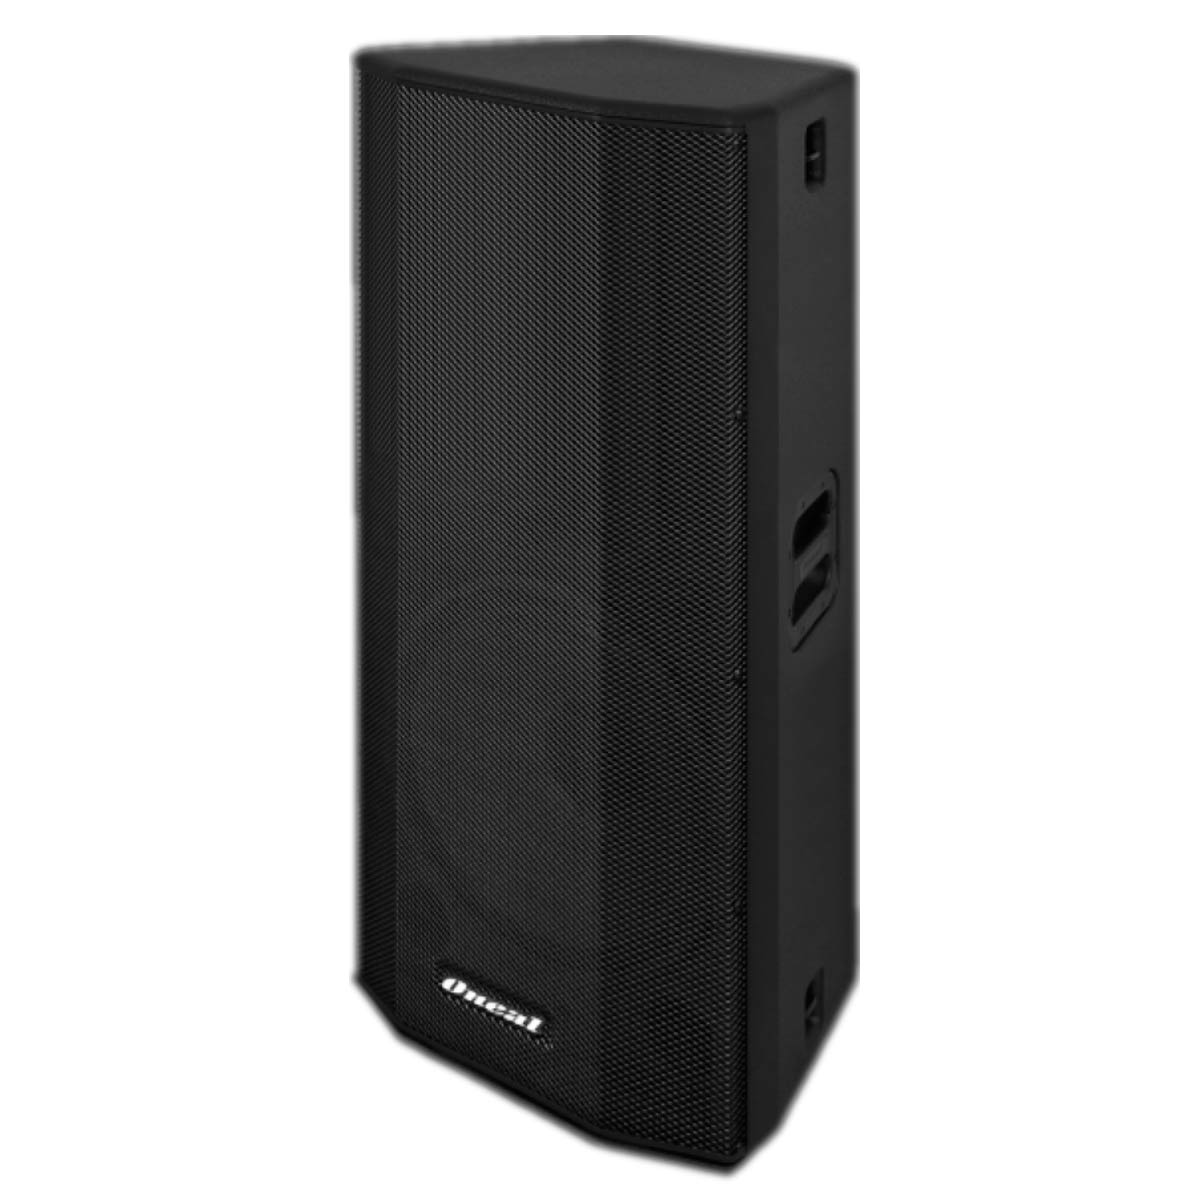 OB5050 - Caixa Passiva 575W OB 5050 - Oneal